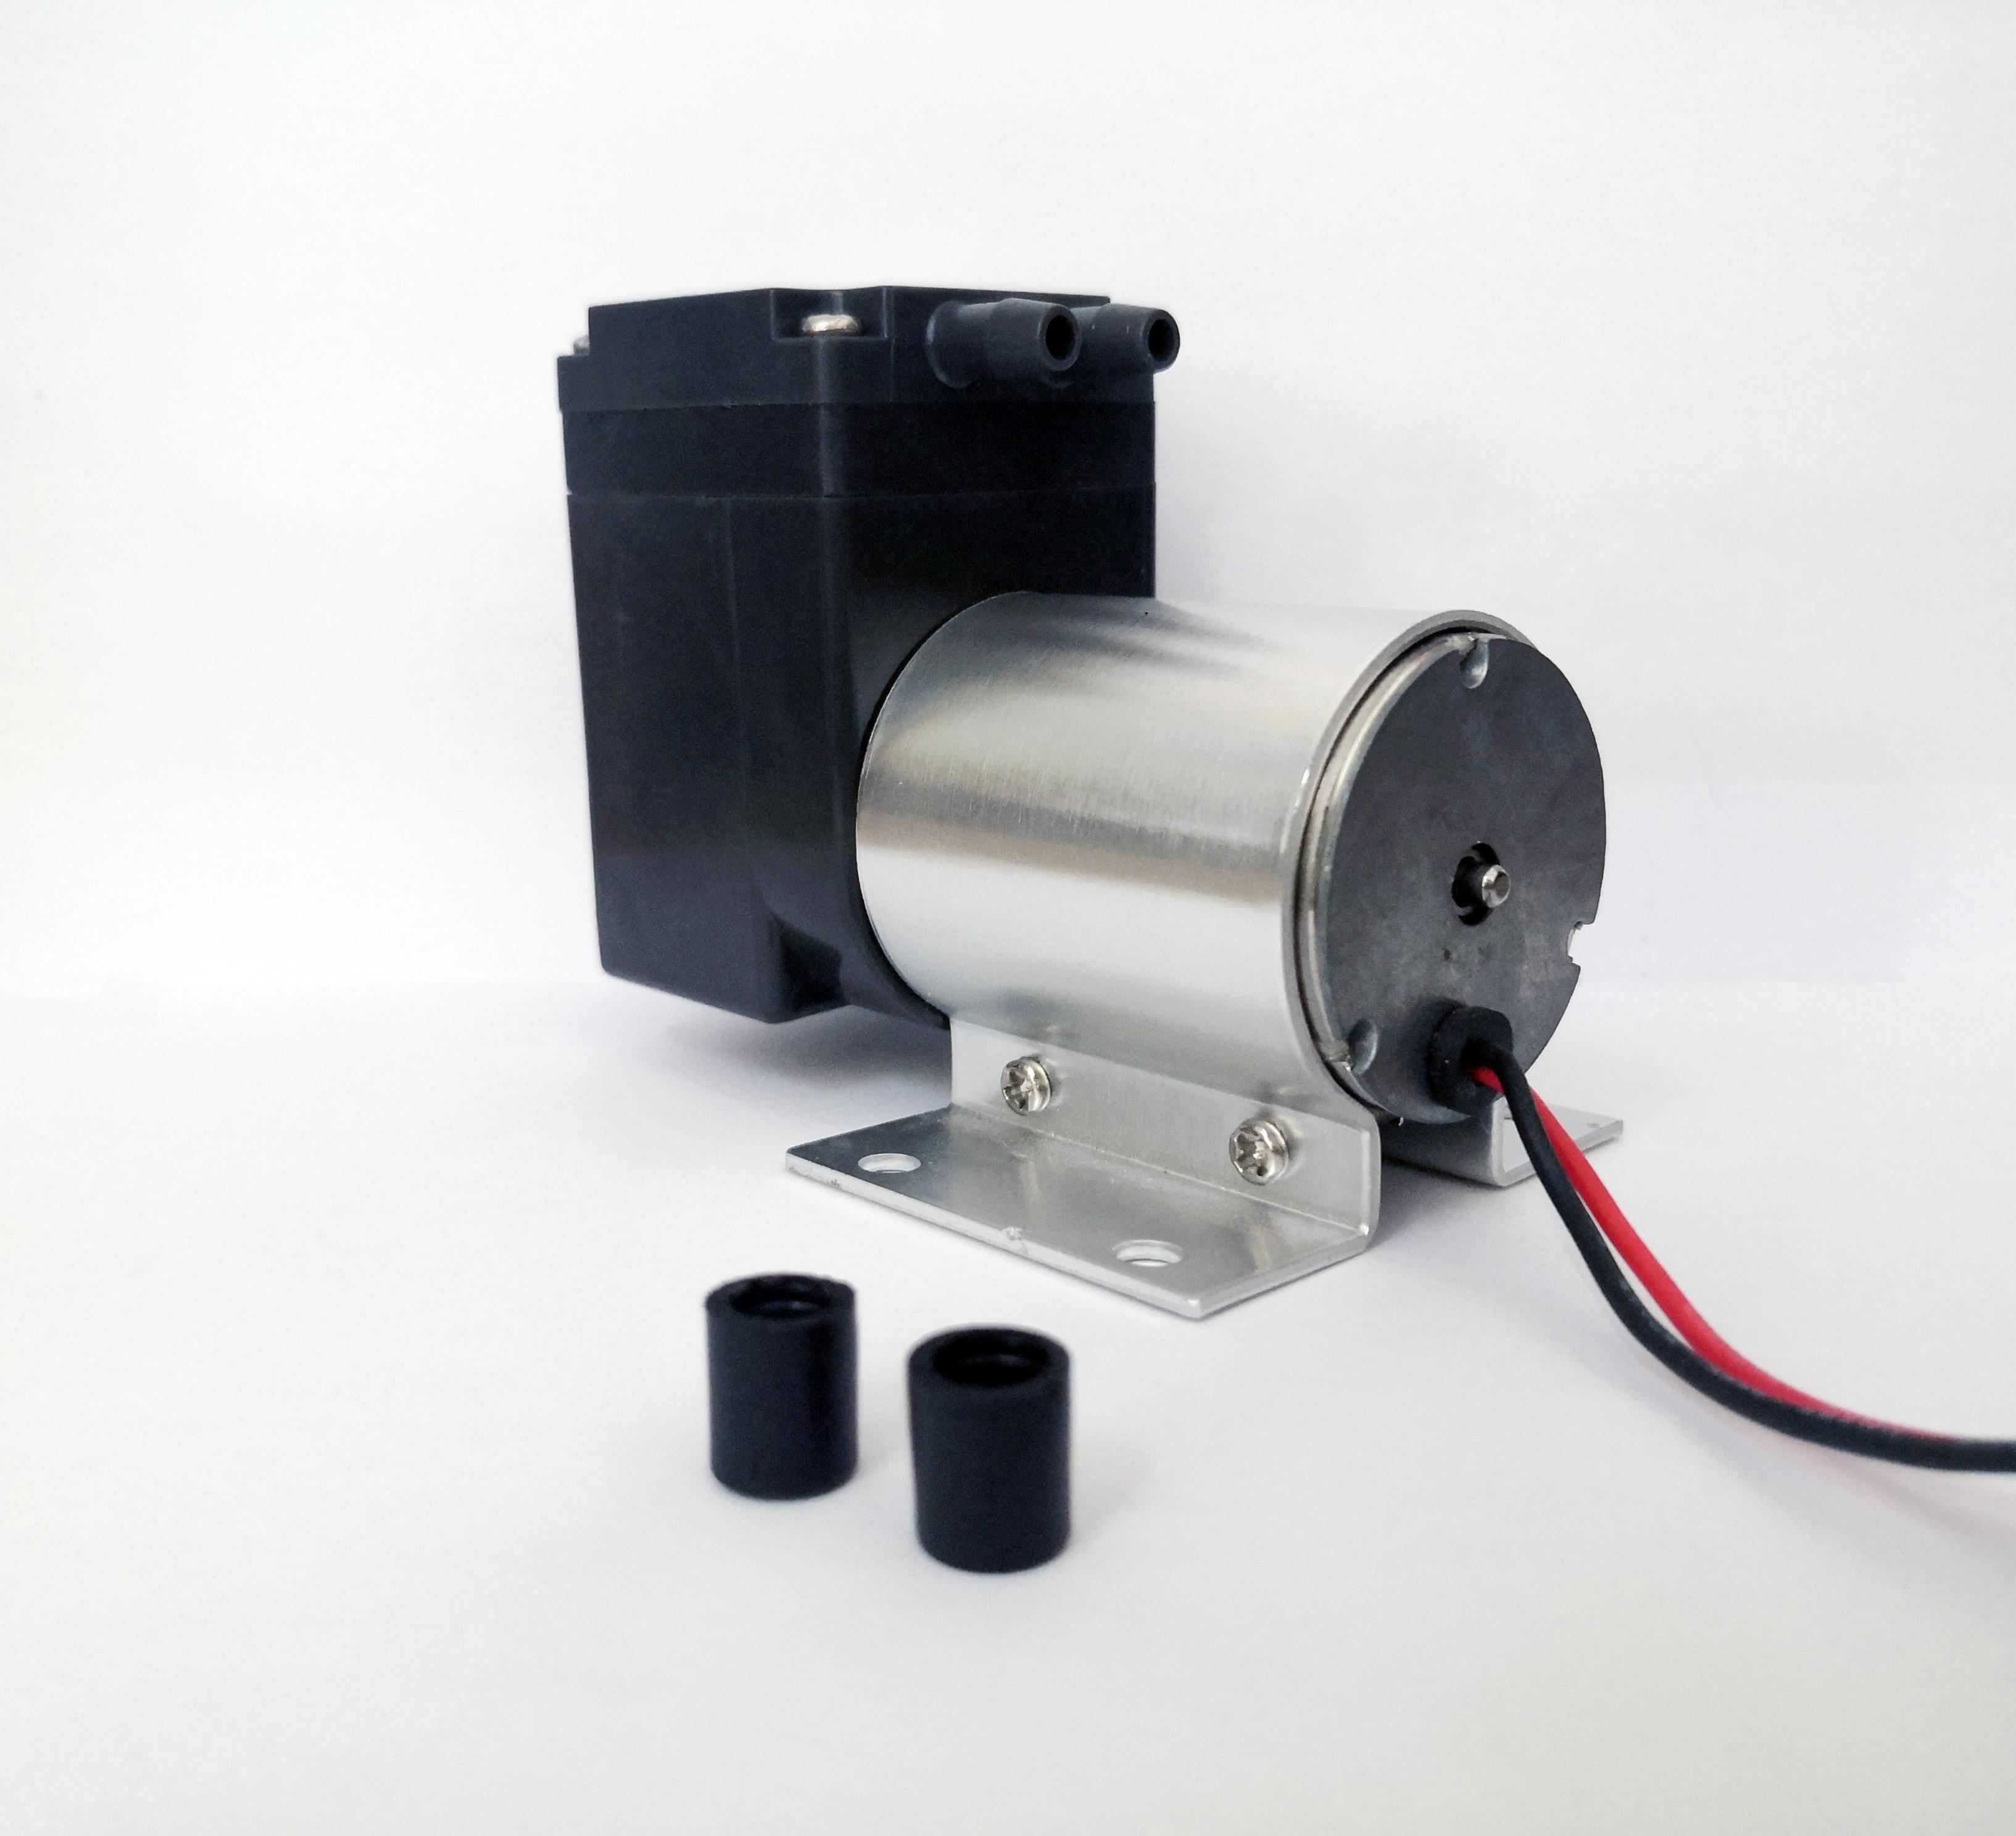 مضخة هواء بغشاء بدون فرش ، 12 فولت ، 24 فولت ، تيار مستمر